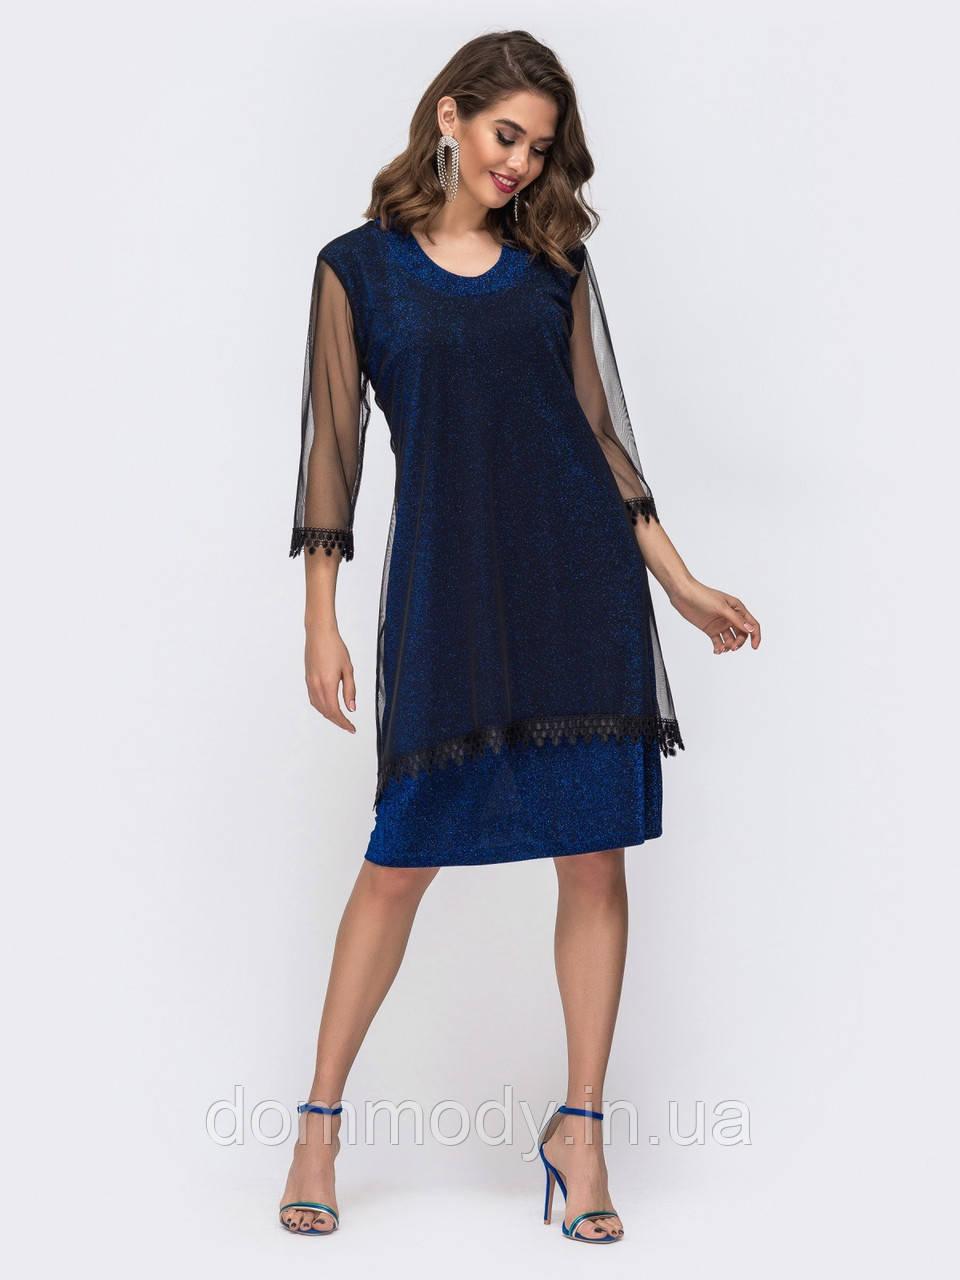 Платье женское Candice electrician